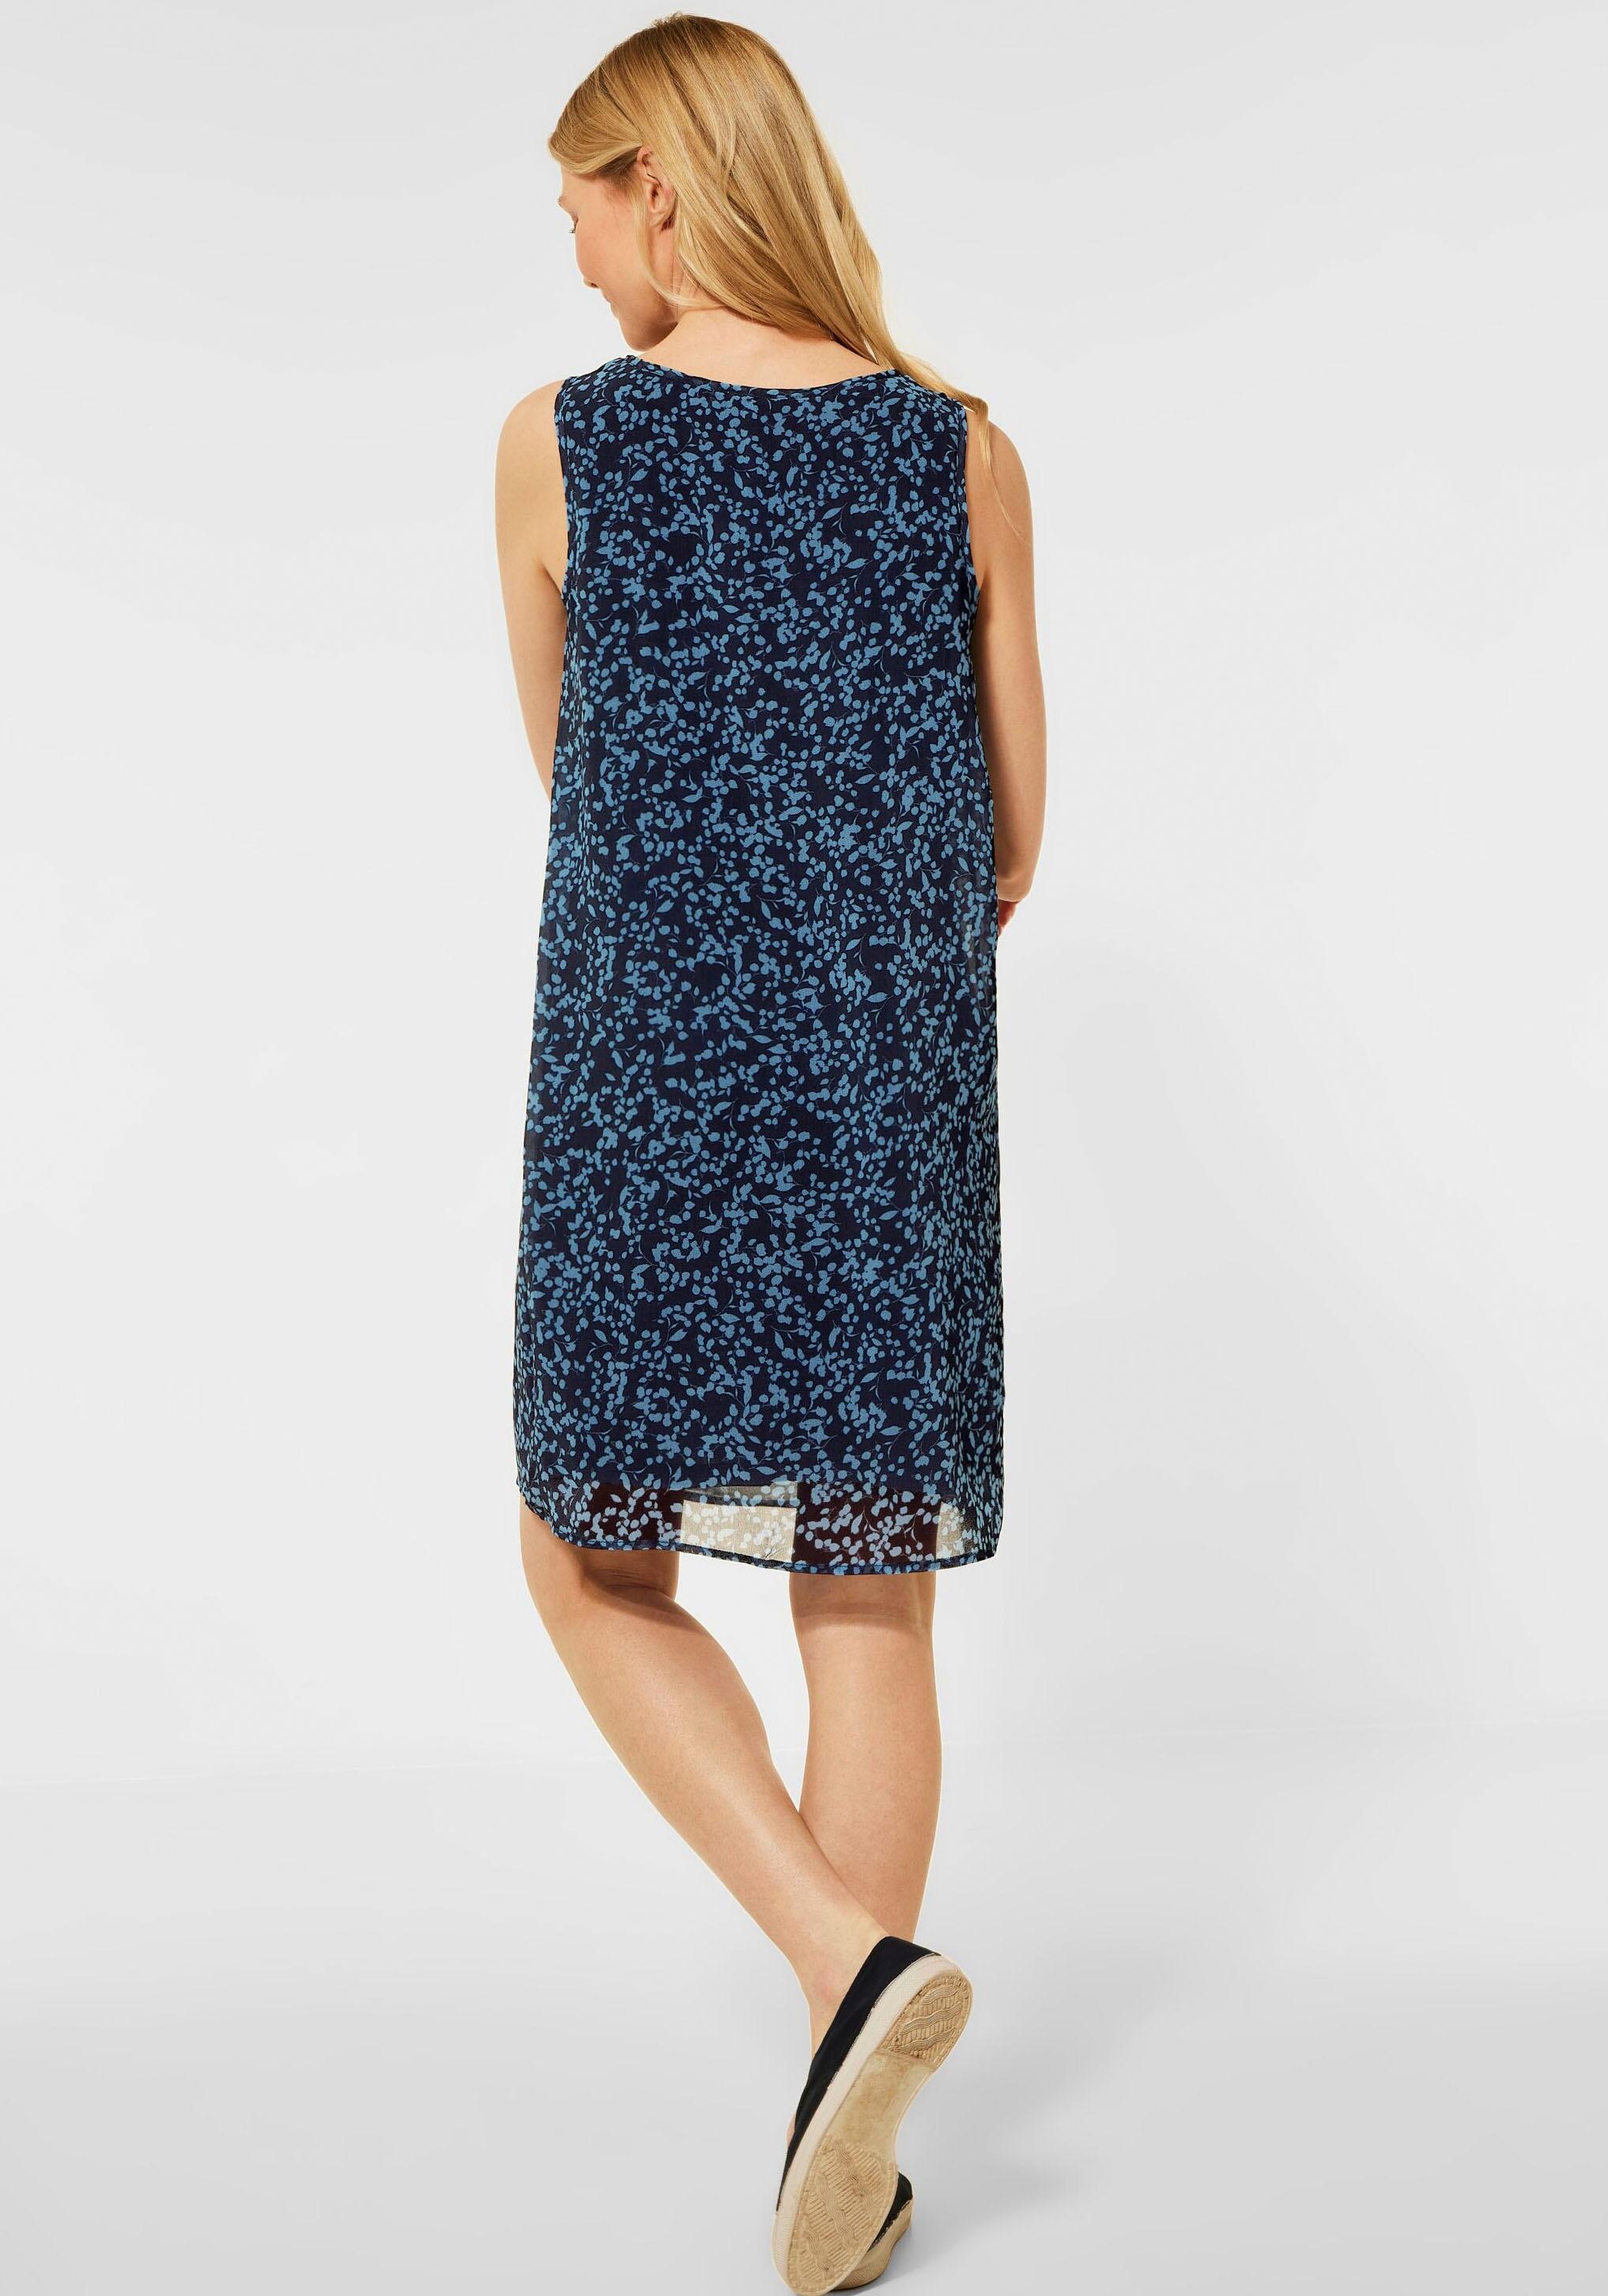 cecil -  Sommerkleid, mit verspieltem Allover-Muster